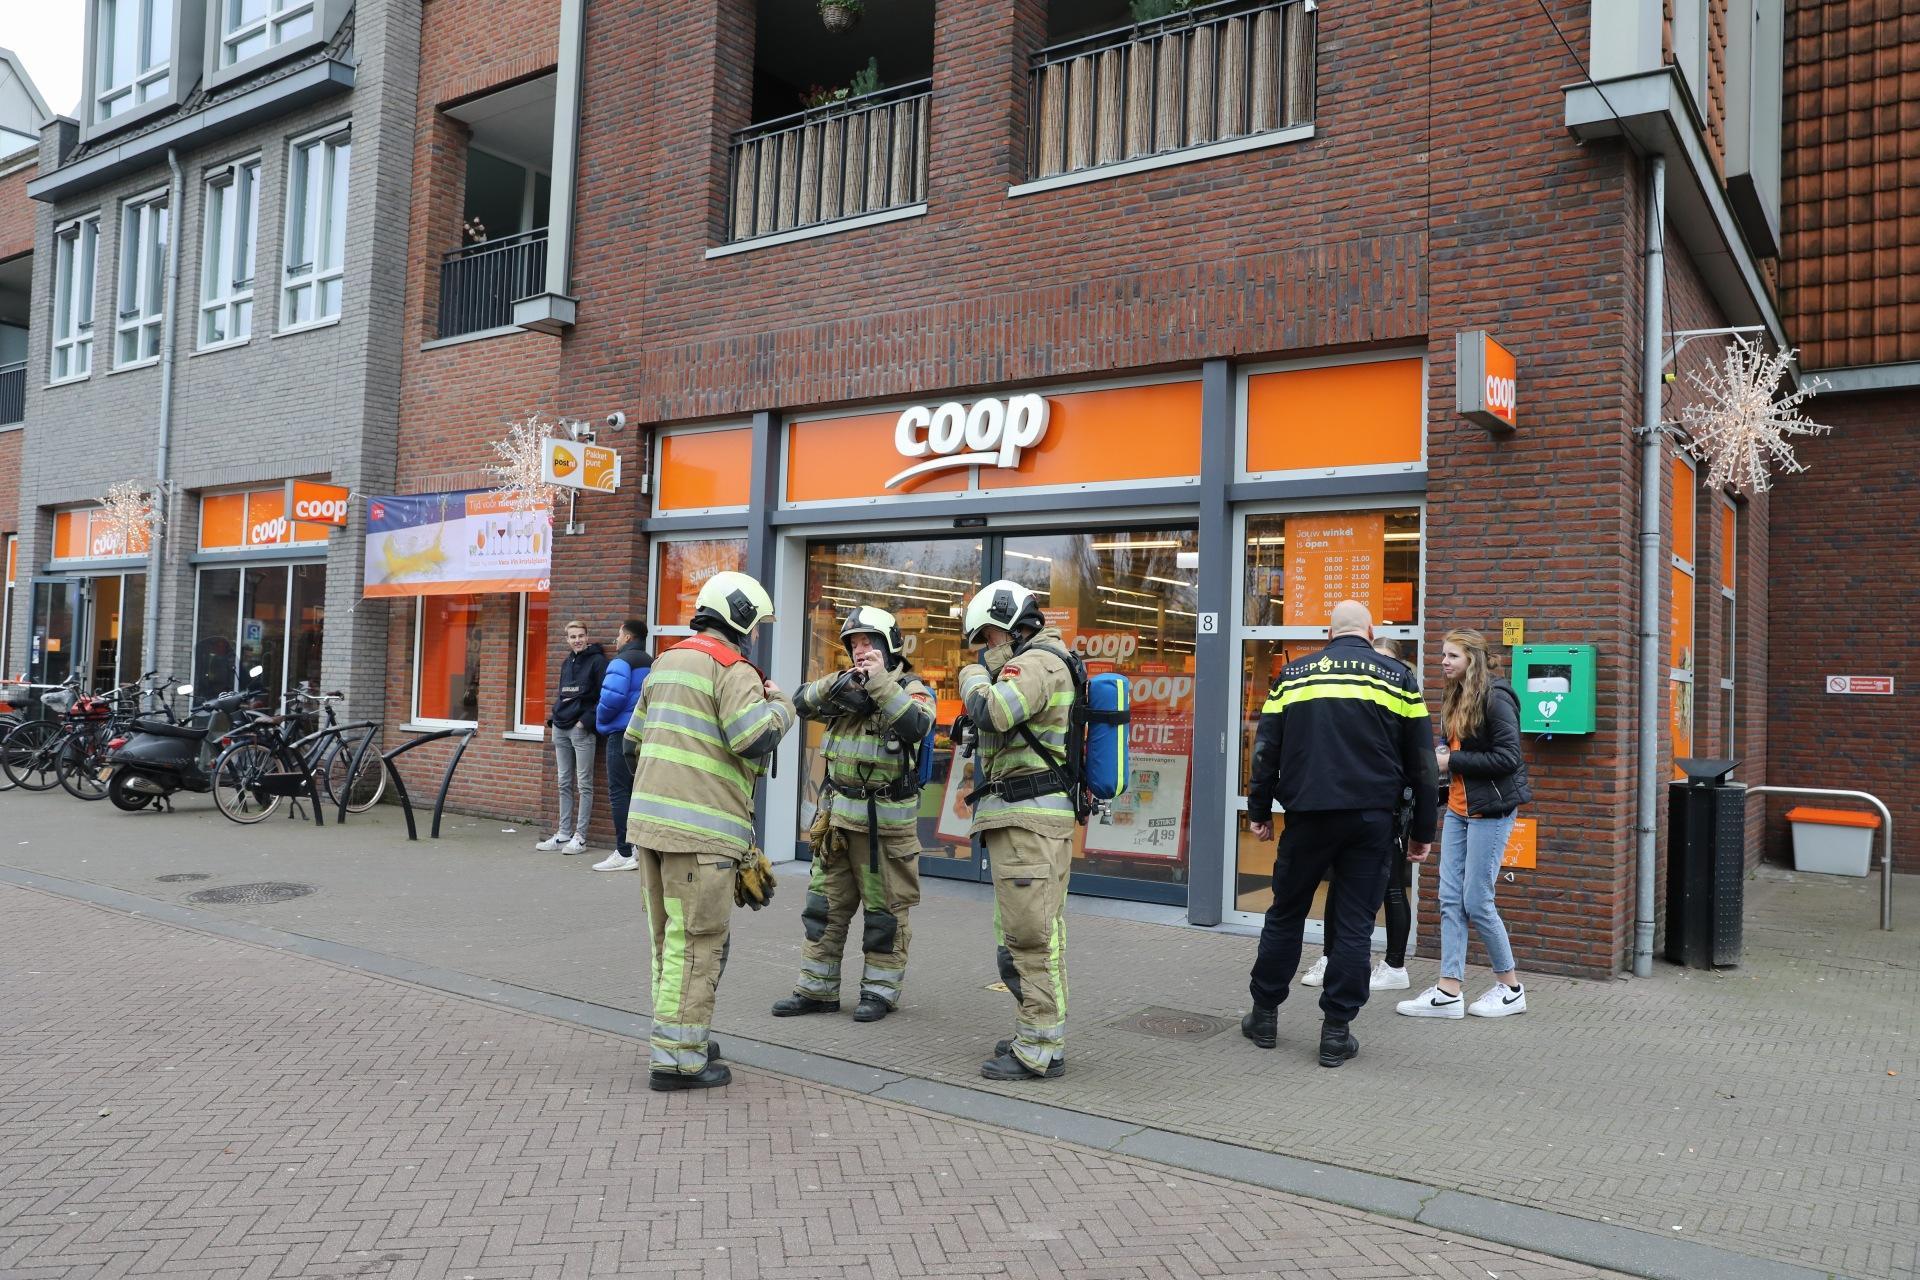 Gesmolten lampje zorgt voor hoop commotie in Eemnes: Coop ontruimd na 'vreemde gaslucht' en nadat personeelslid onwel werd [update]